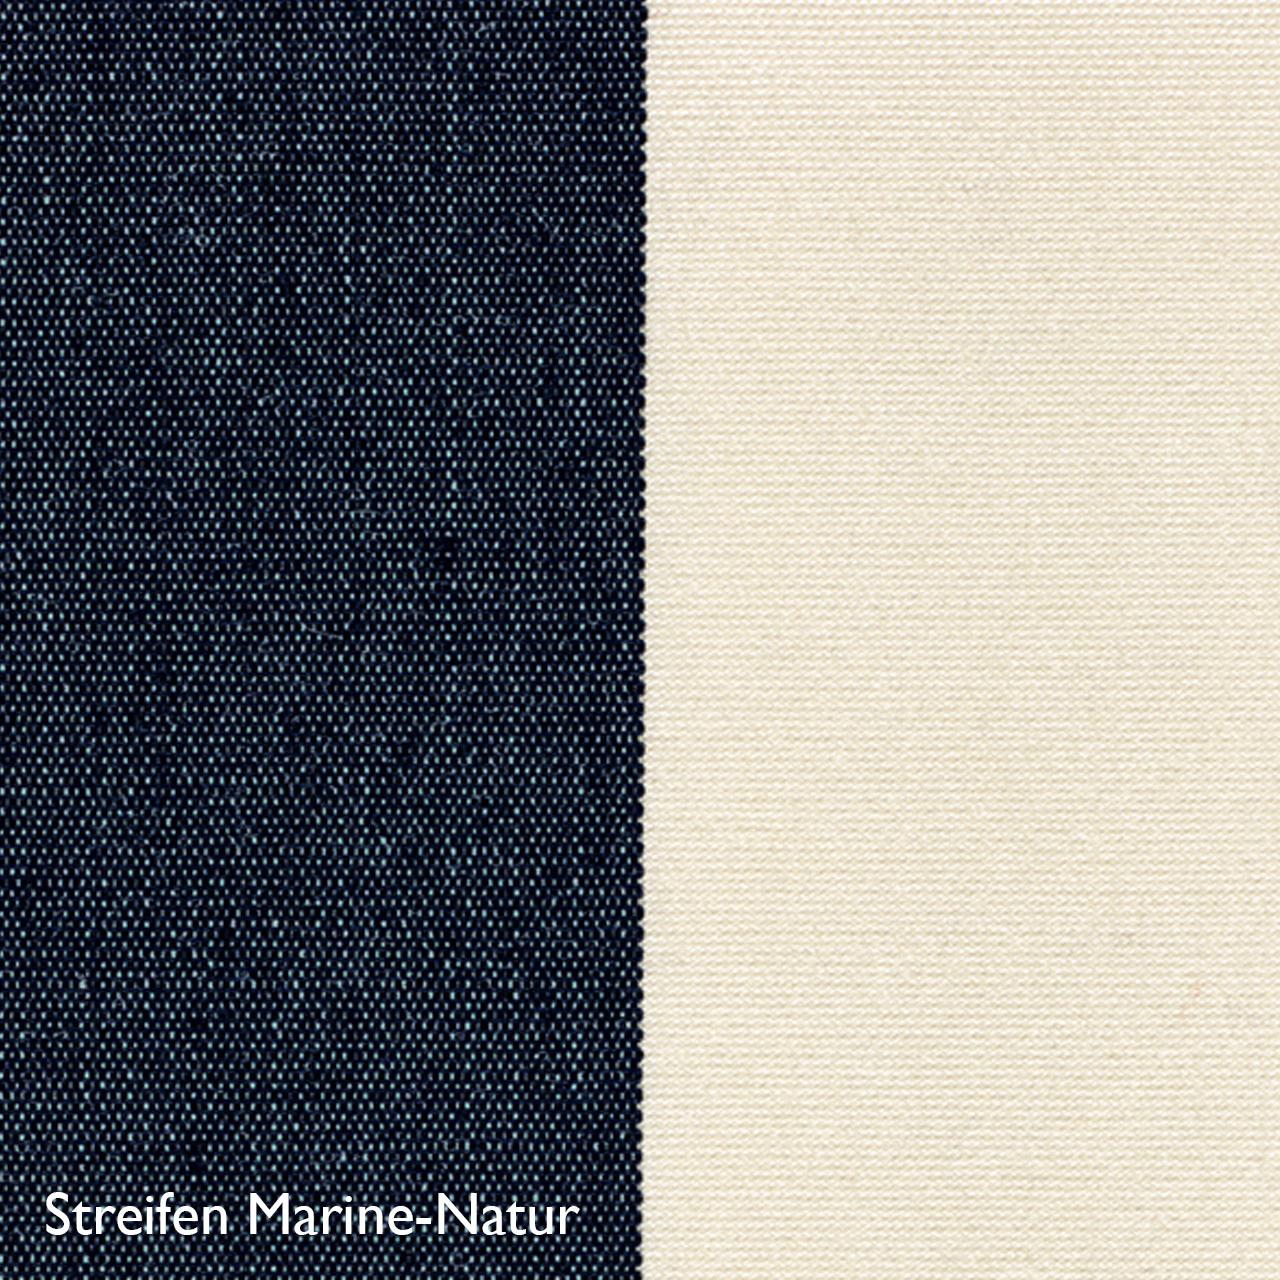 Weishäupl Farbkacheln Marine-Natur